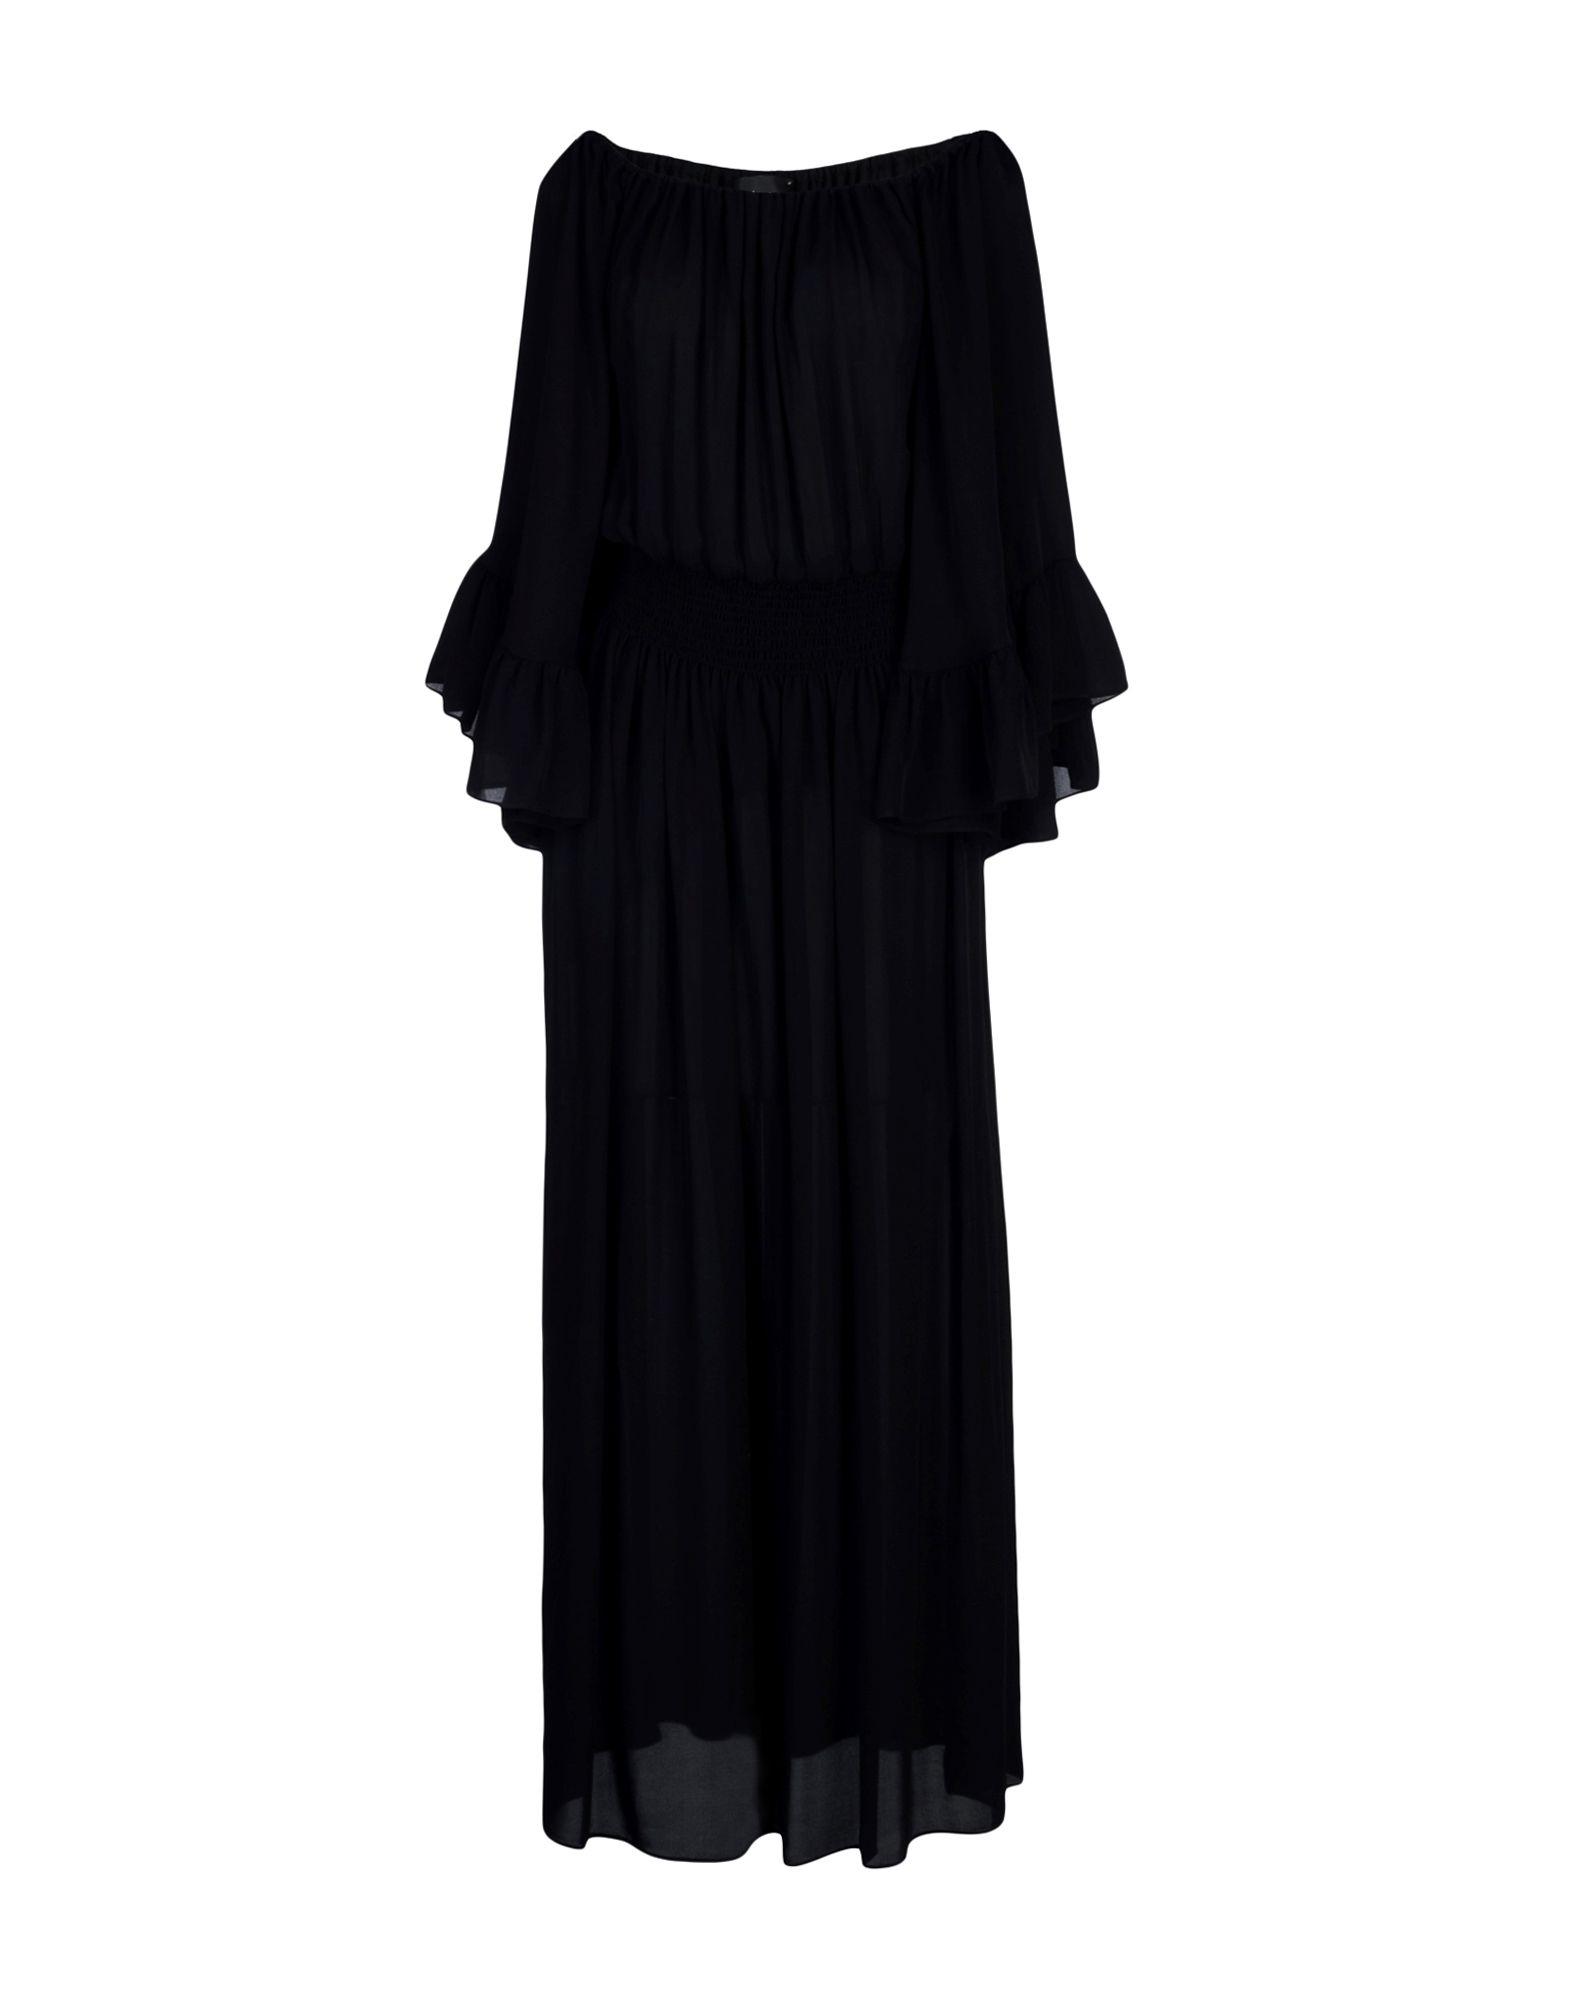 NICOLE MILLER Длинное платье платья nicole collection платье